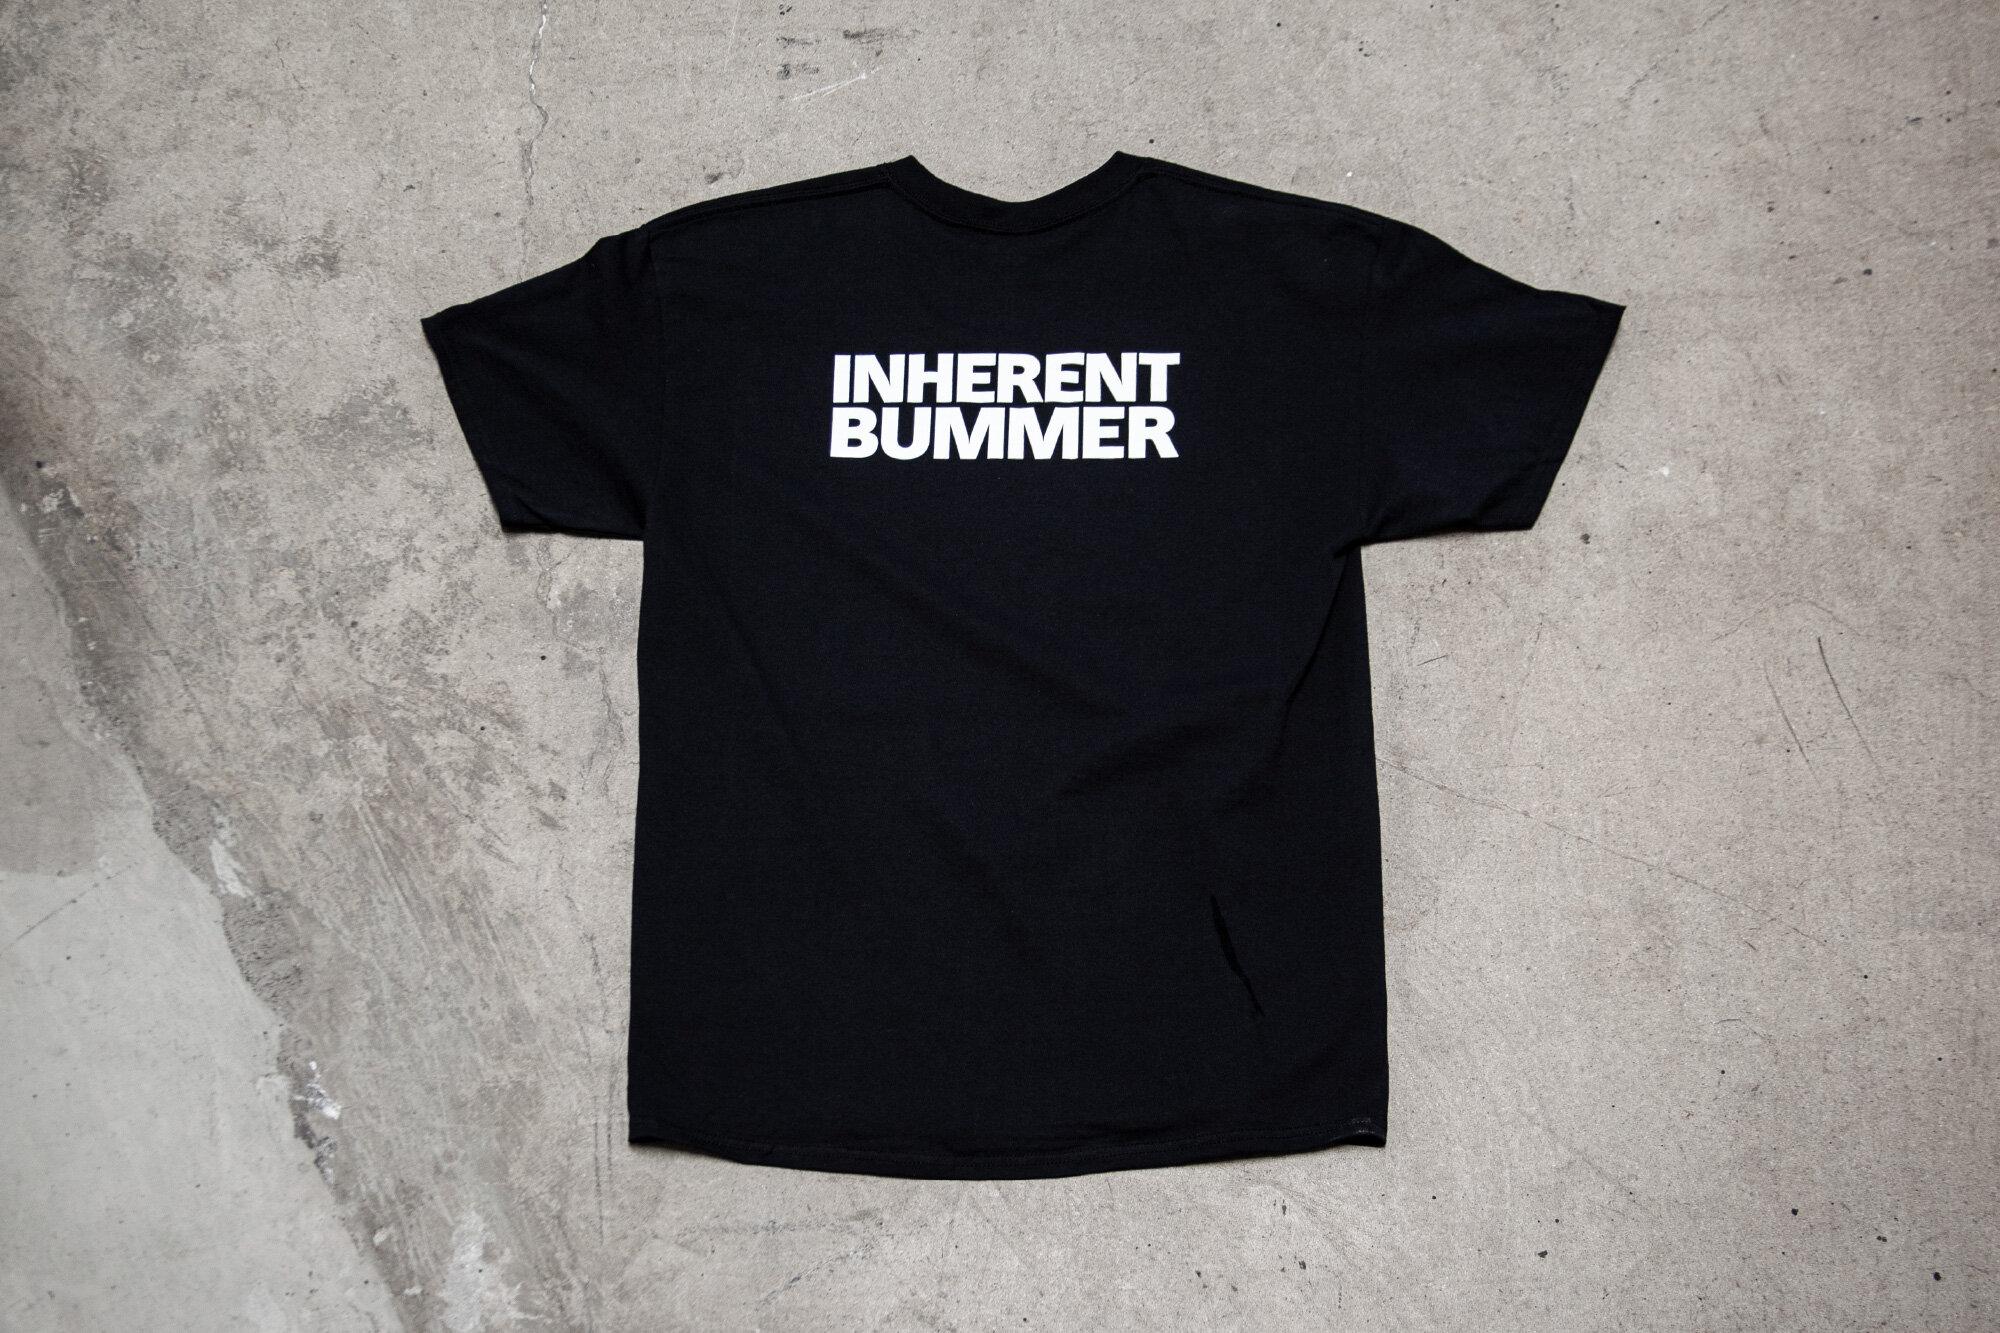 Inherent Bummer T-shirt.JPG